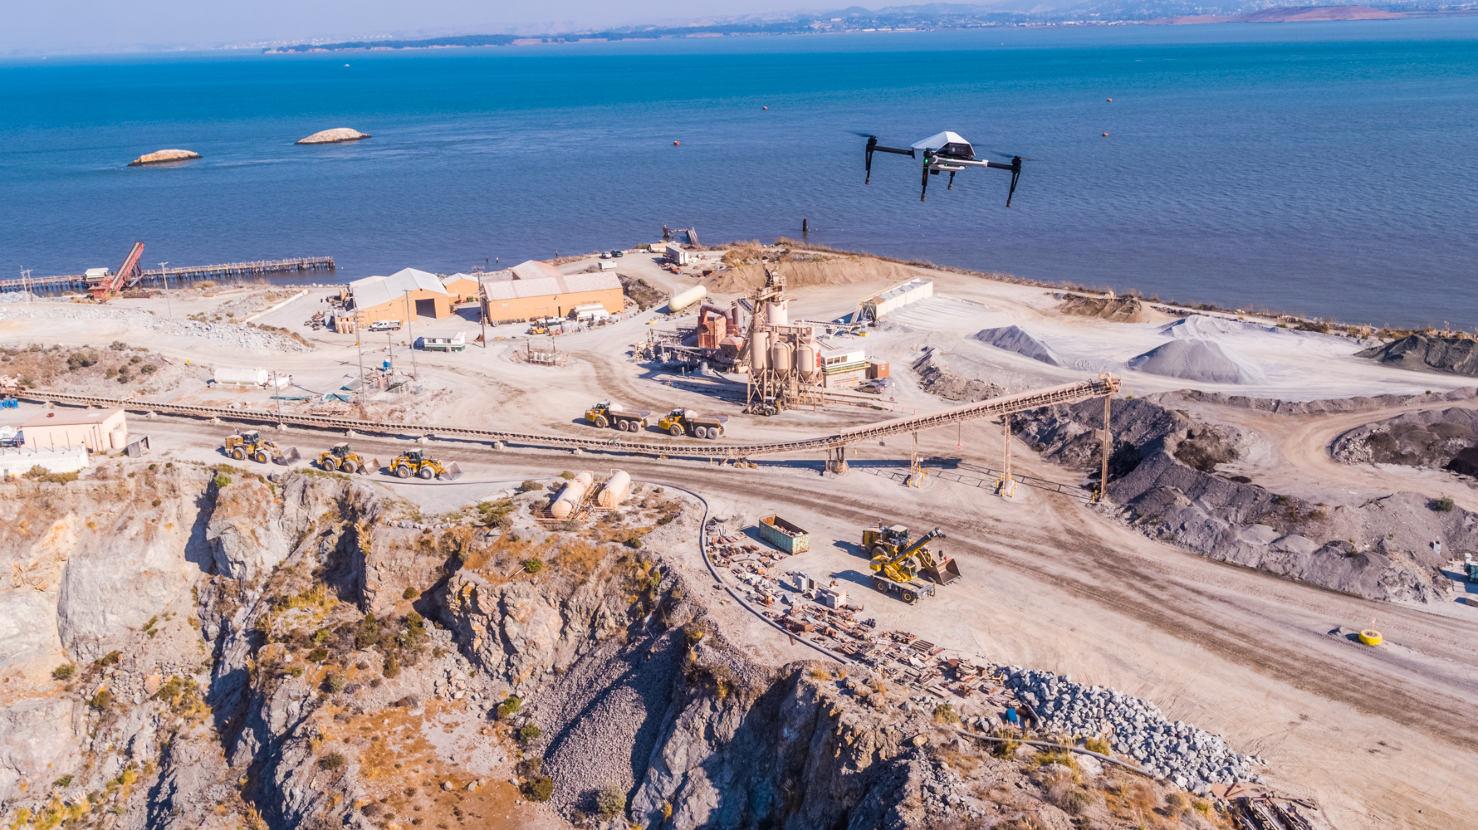 DJI et Skycatch s'associent pour développer un drone professionnel